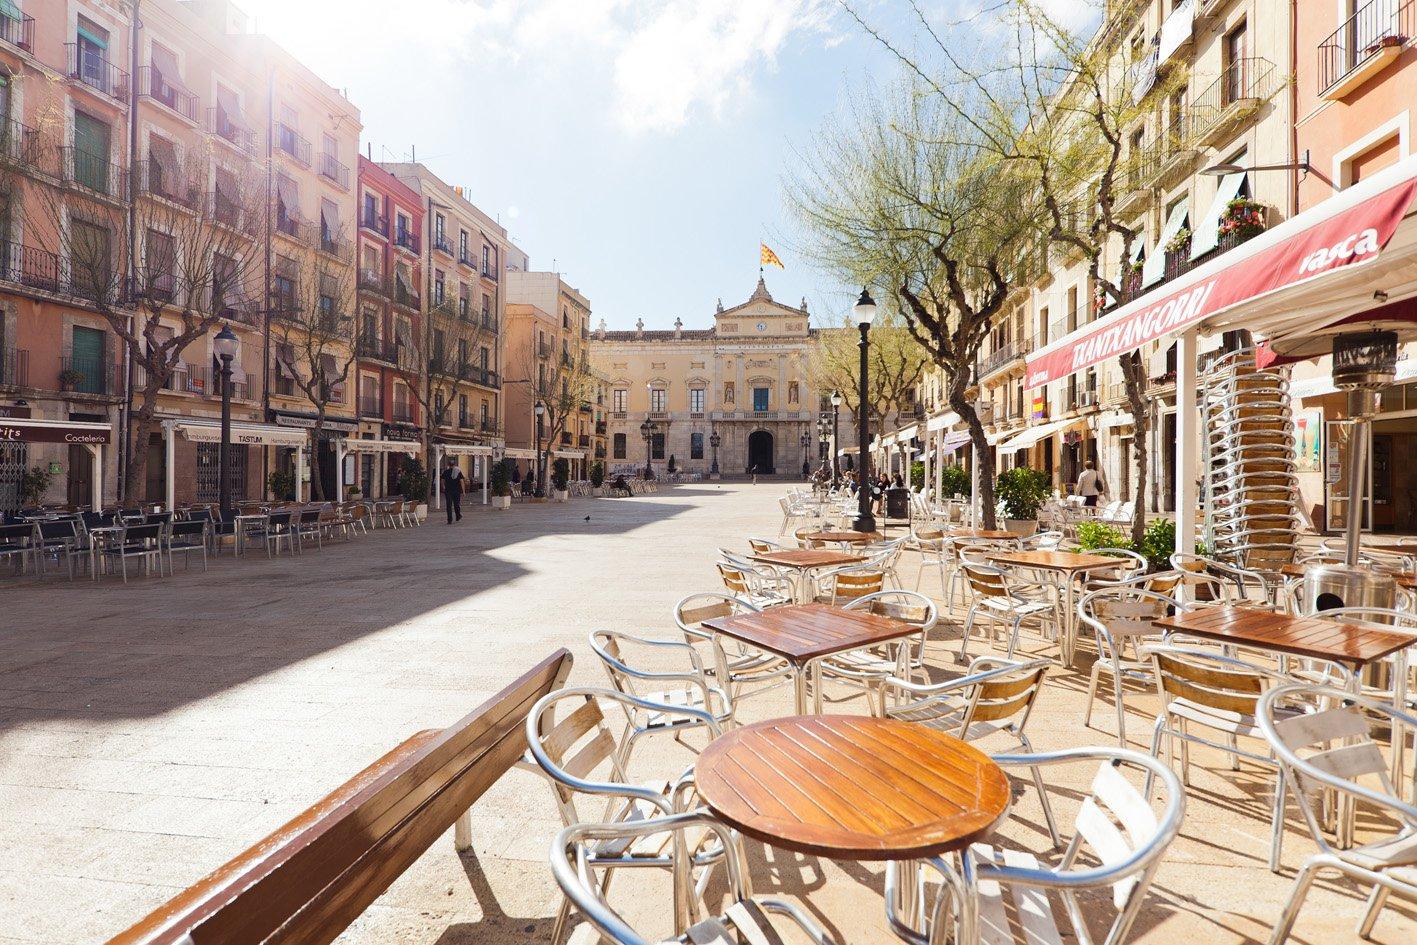 hotel_la_fontnombre_del_documento_16-46f6b37e13a3e7c8330c64ced25d2200